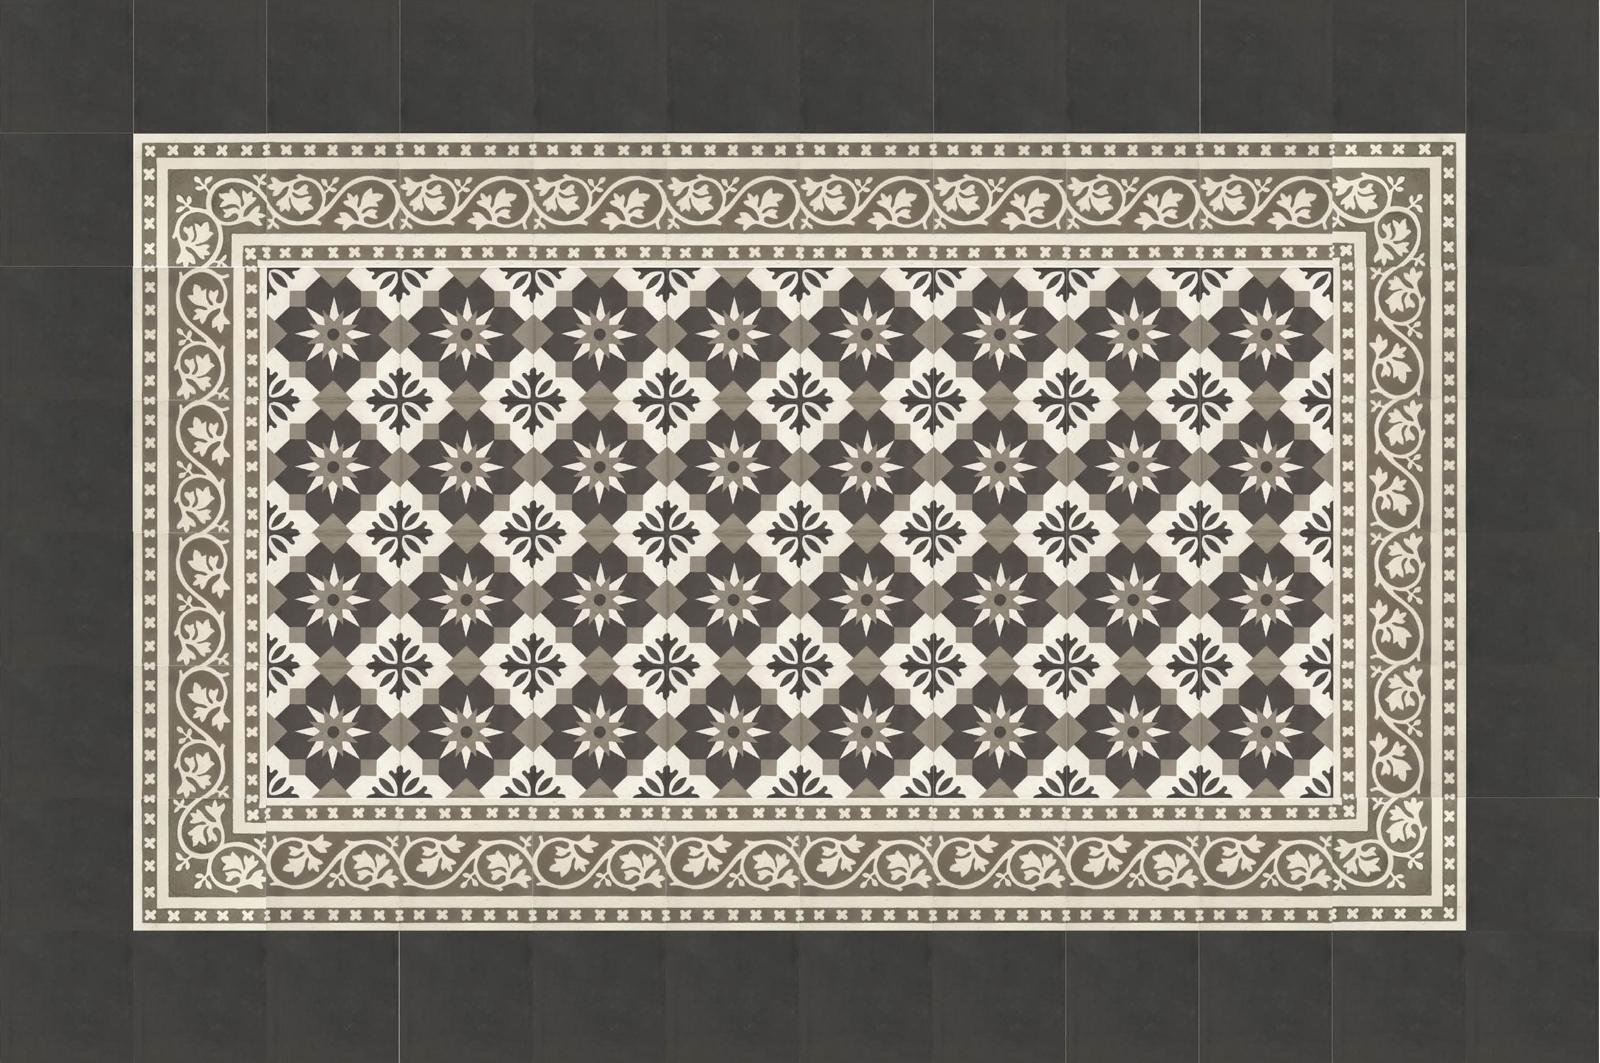 zementmosaikplatten-verlegemuster-51090-52083-viaplatten   51090/150